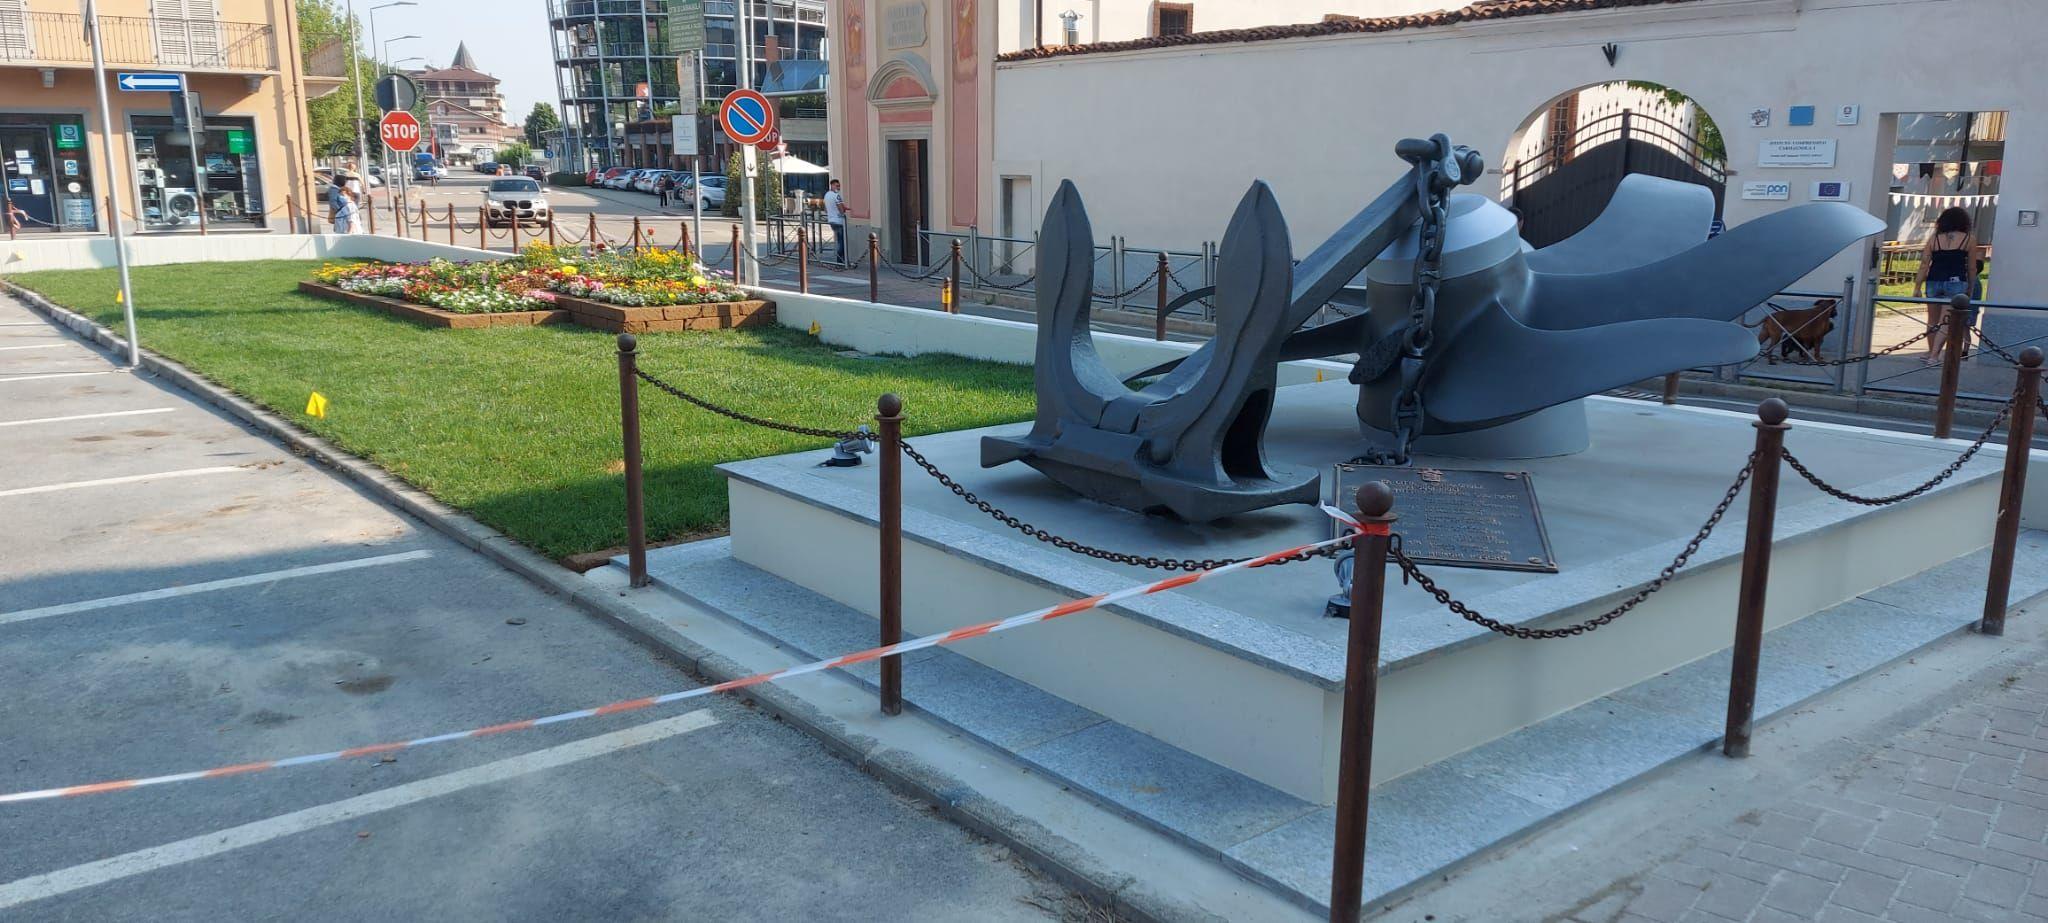 CARMAGNOLA - Concluso il restyling di piazza Mazzini